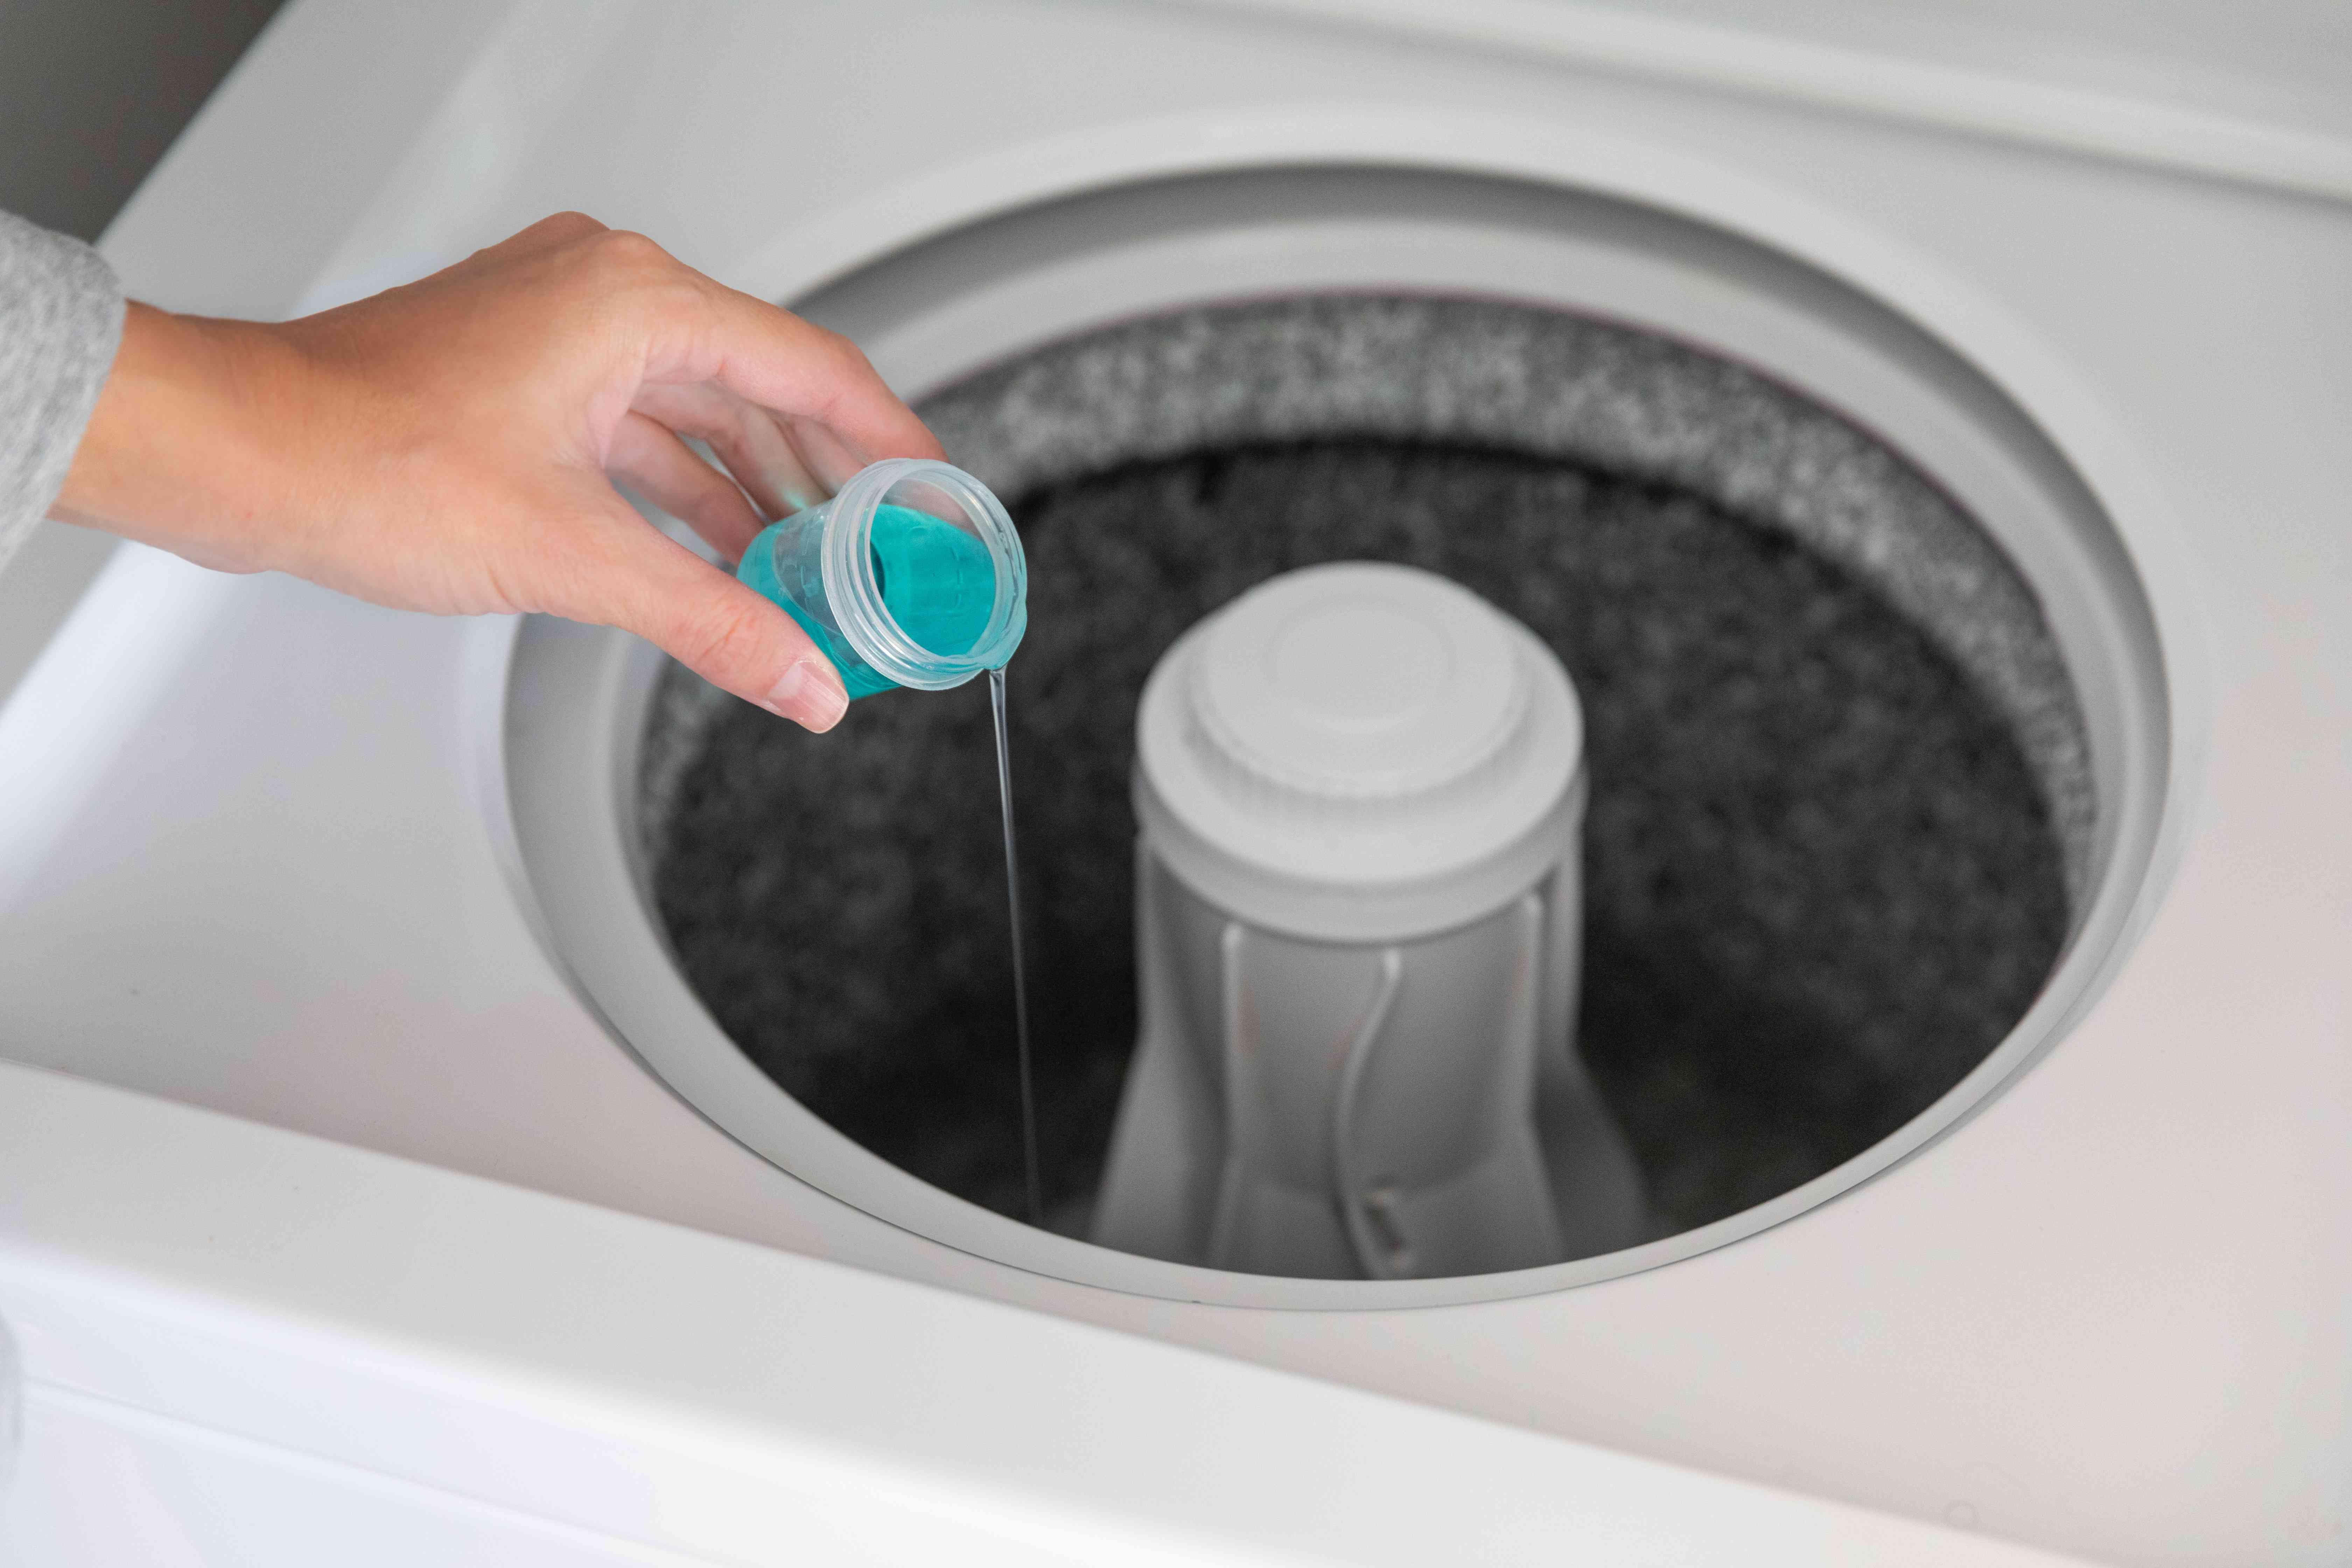 adding detergent to an empty washer drum